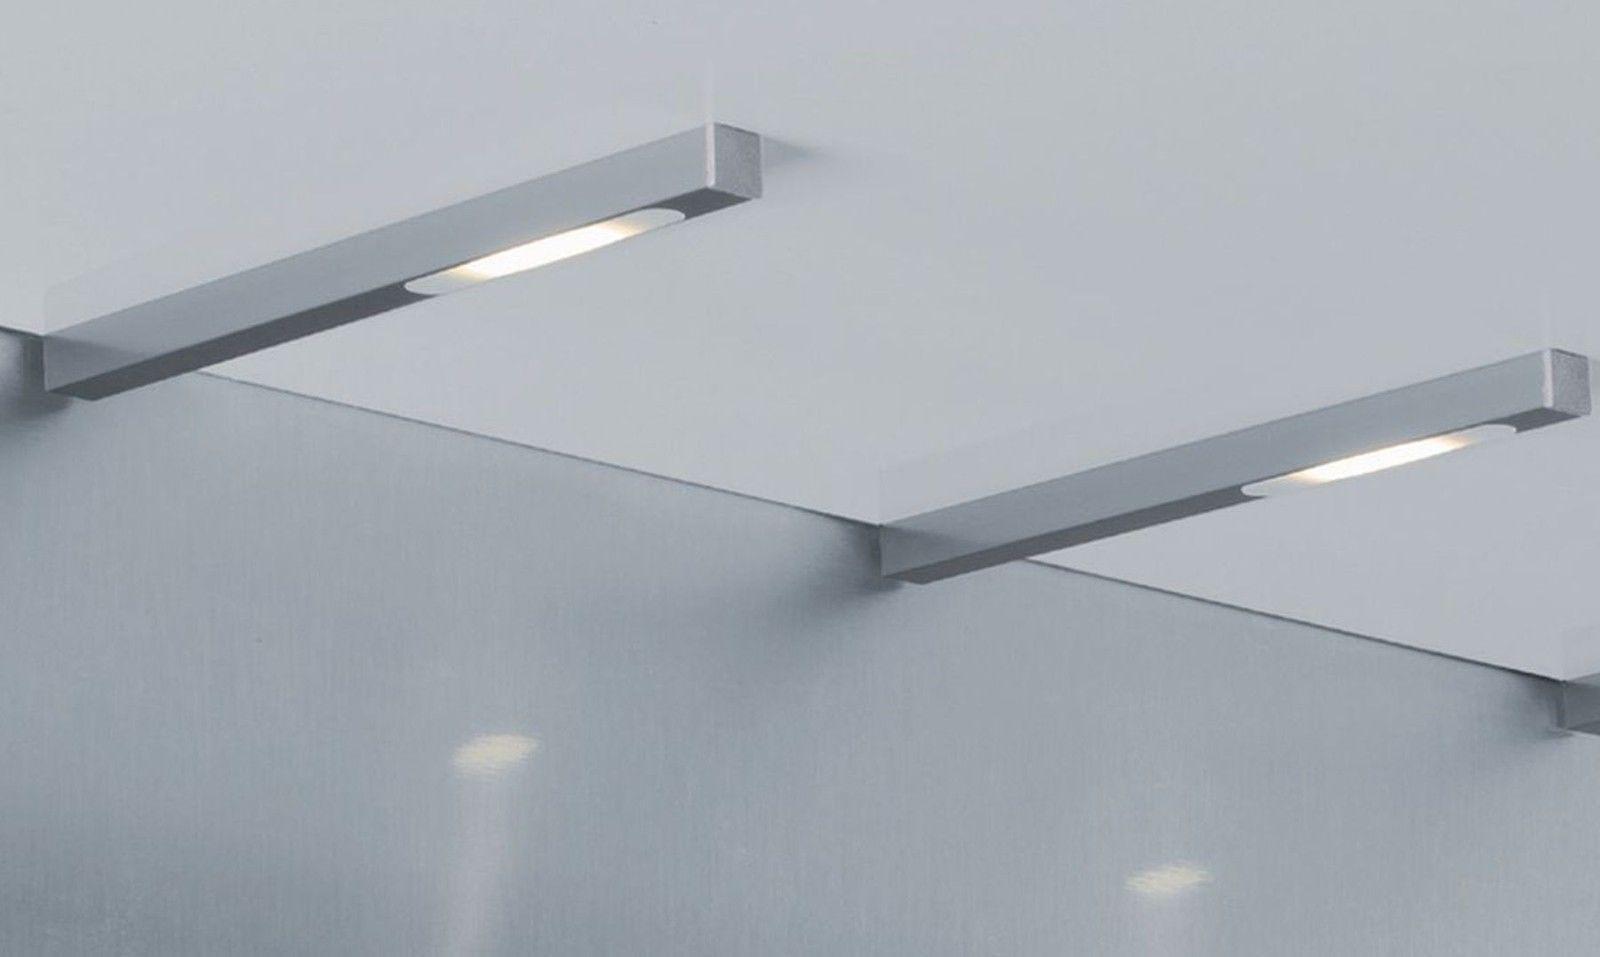 230v led licht leiste 11w  60 cm  inkl anaus schalter